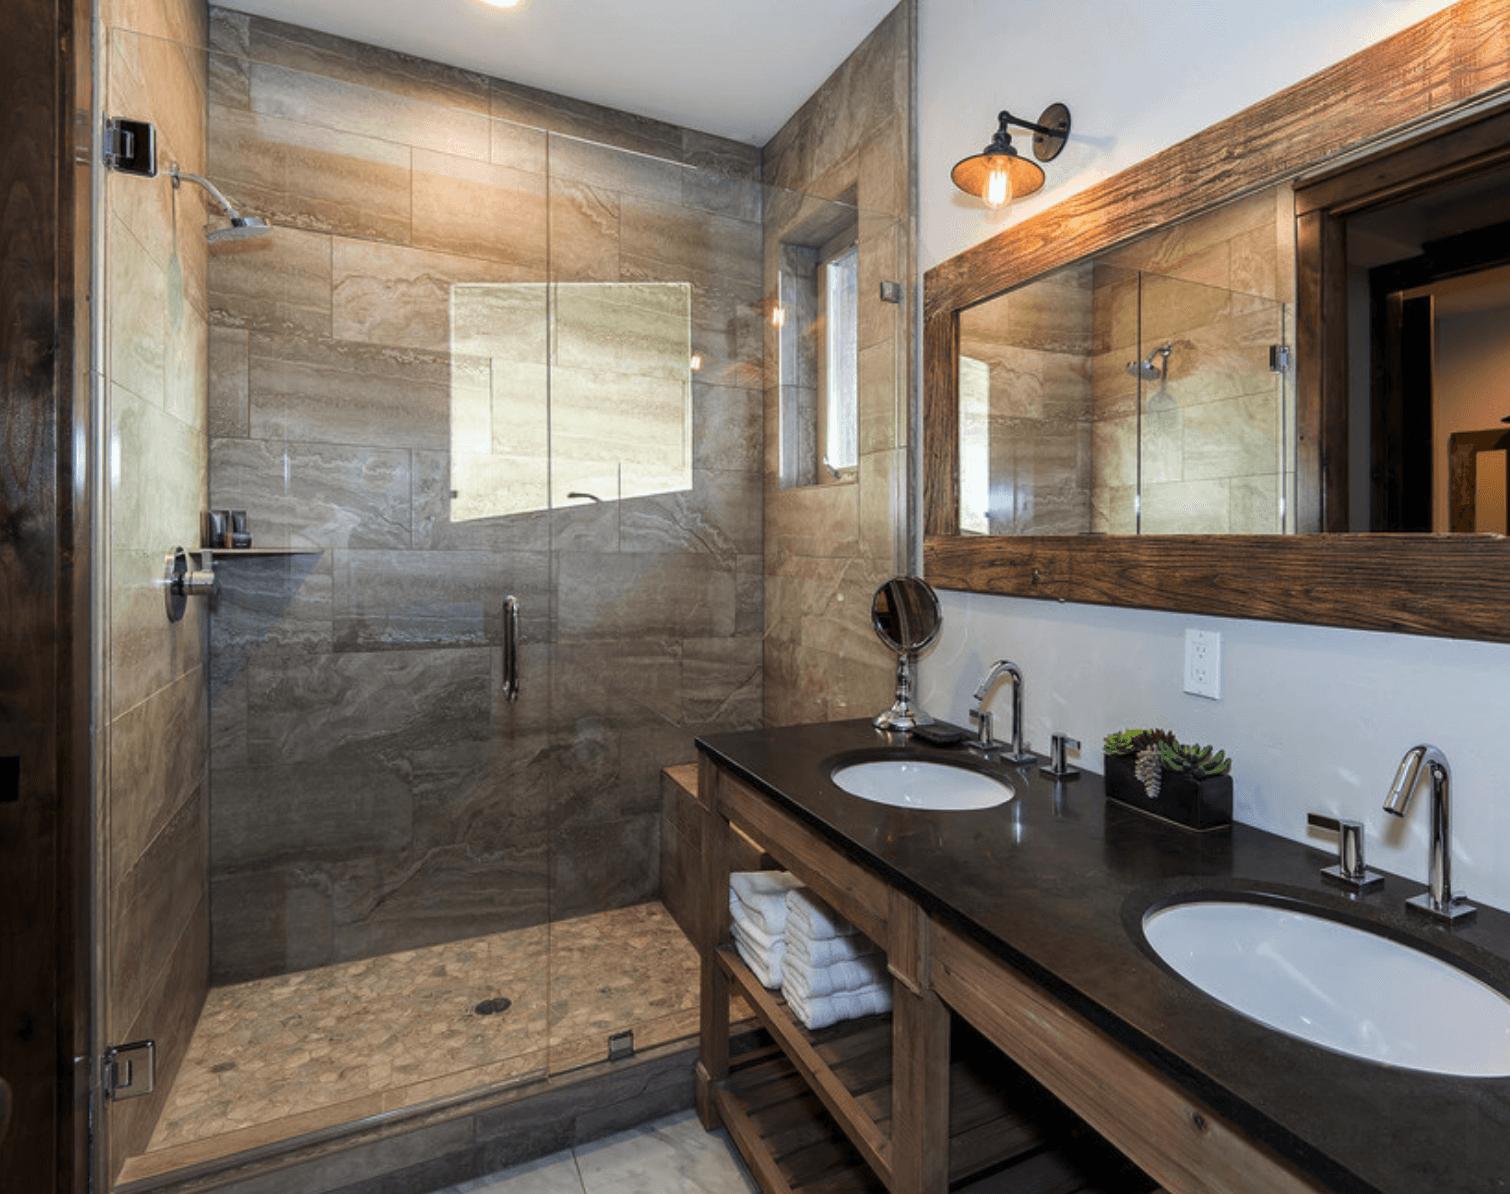 Fique agora com 30 modelos banheiros selecionados com varios estilos  #9E5D2D 1510x1194 Banheiro Com Porcelanato Rustico